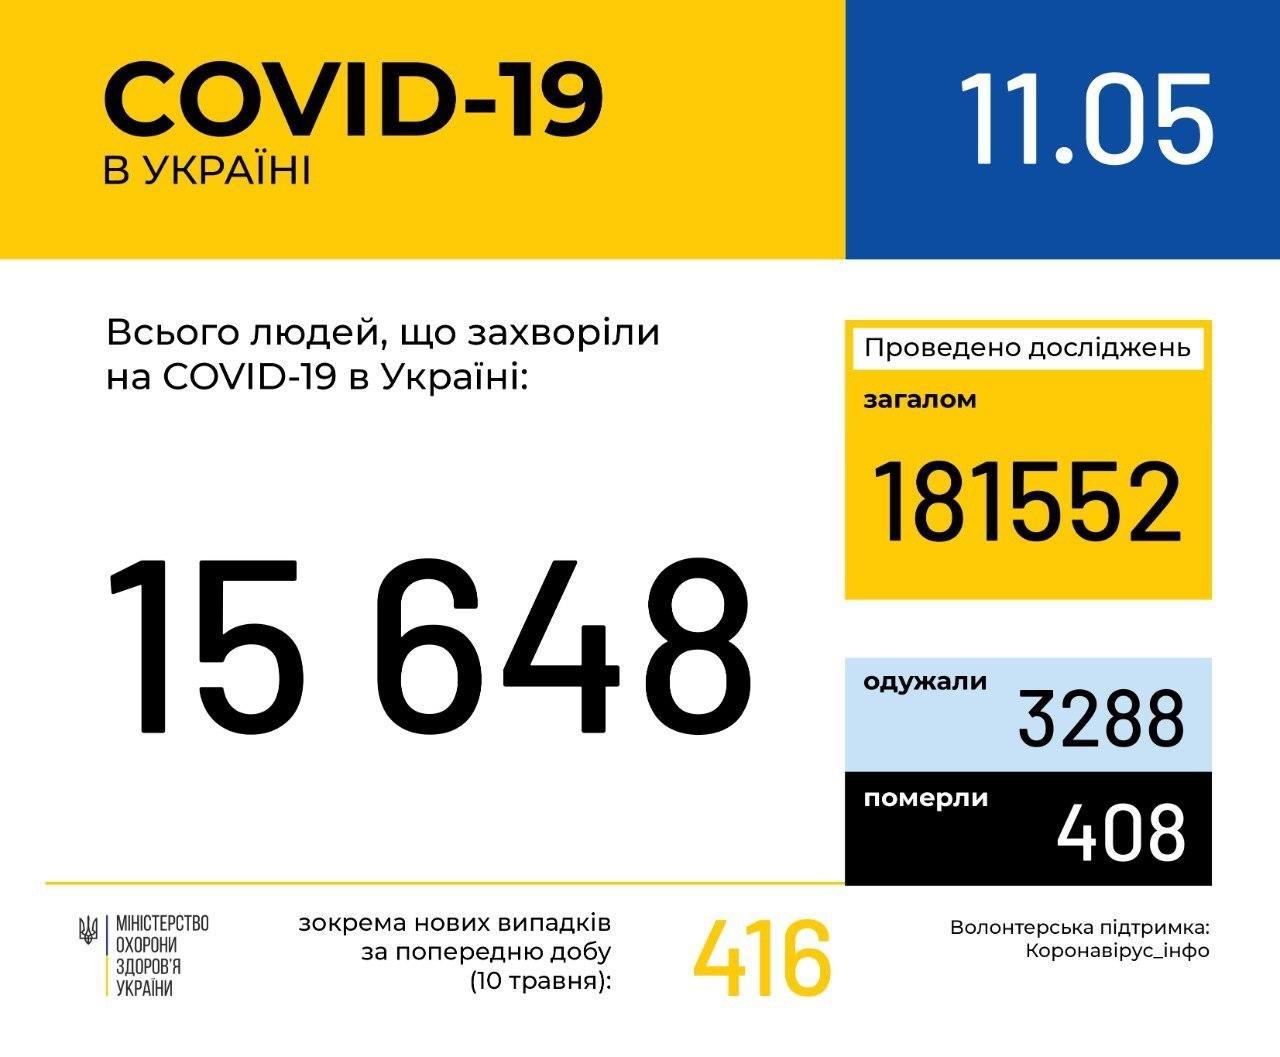 В Україні зафіксовано 15648 випадків коронавірусної хвороби COVID -19 , фото-1